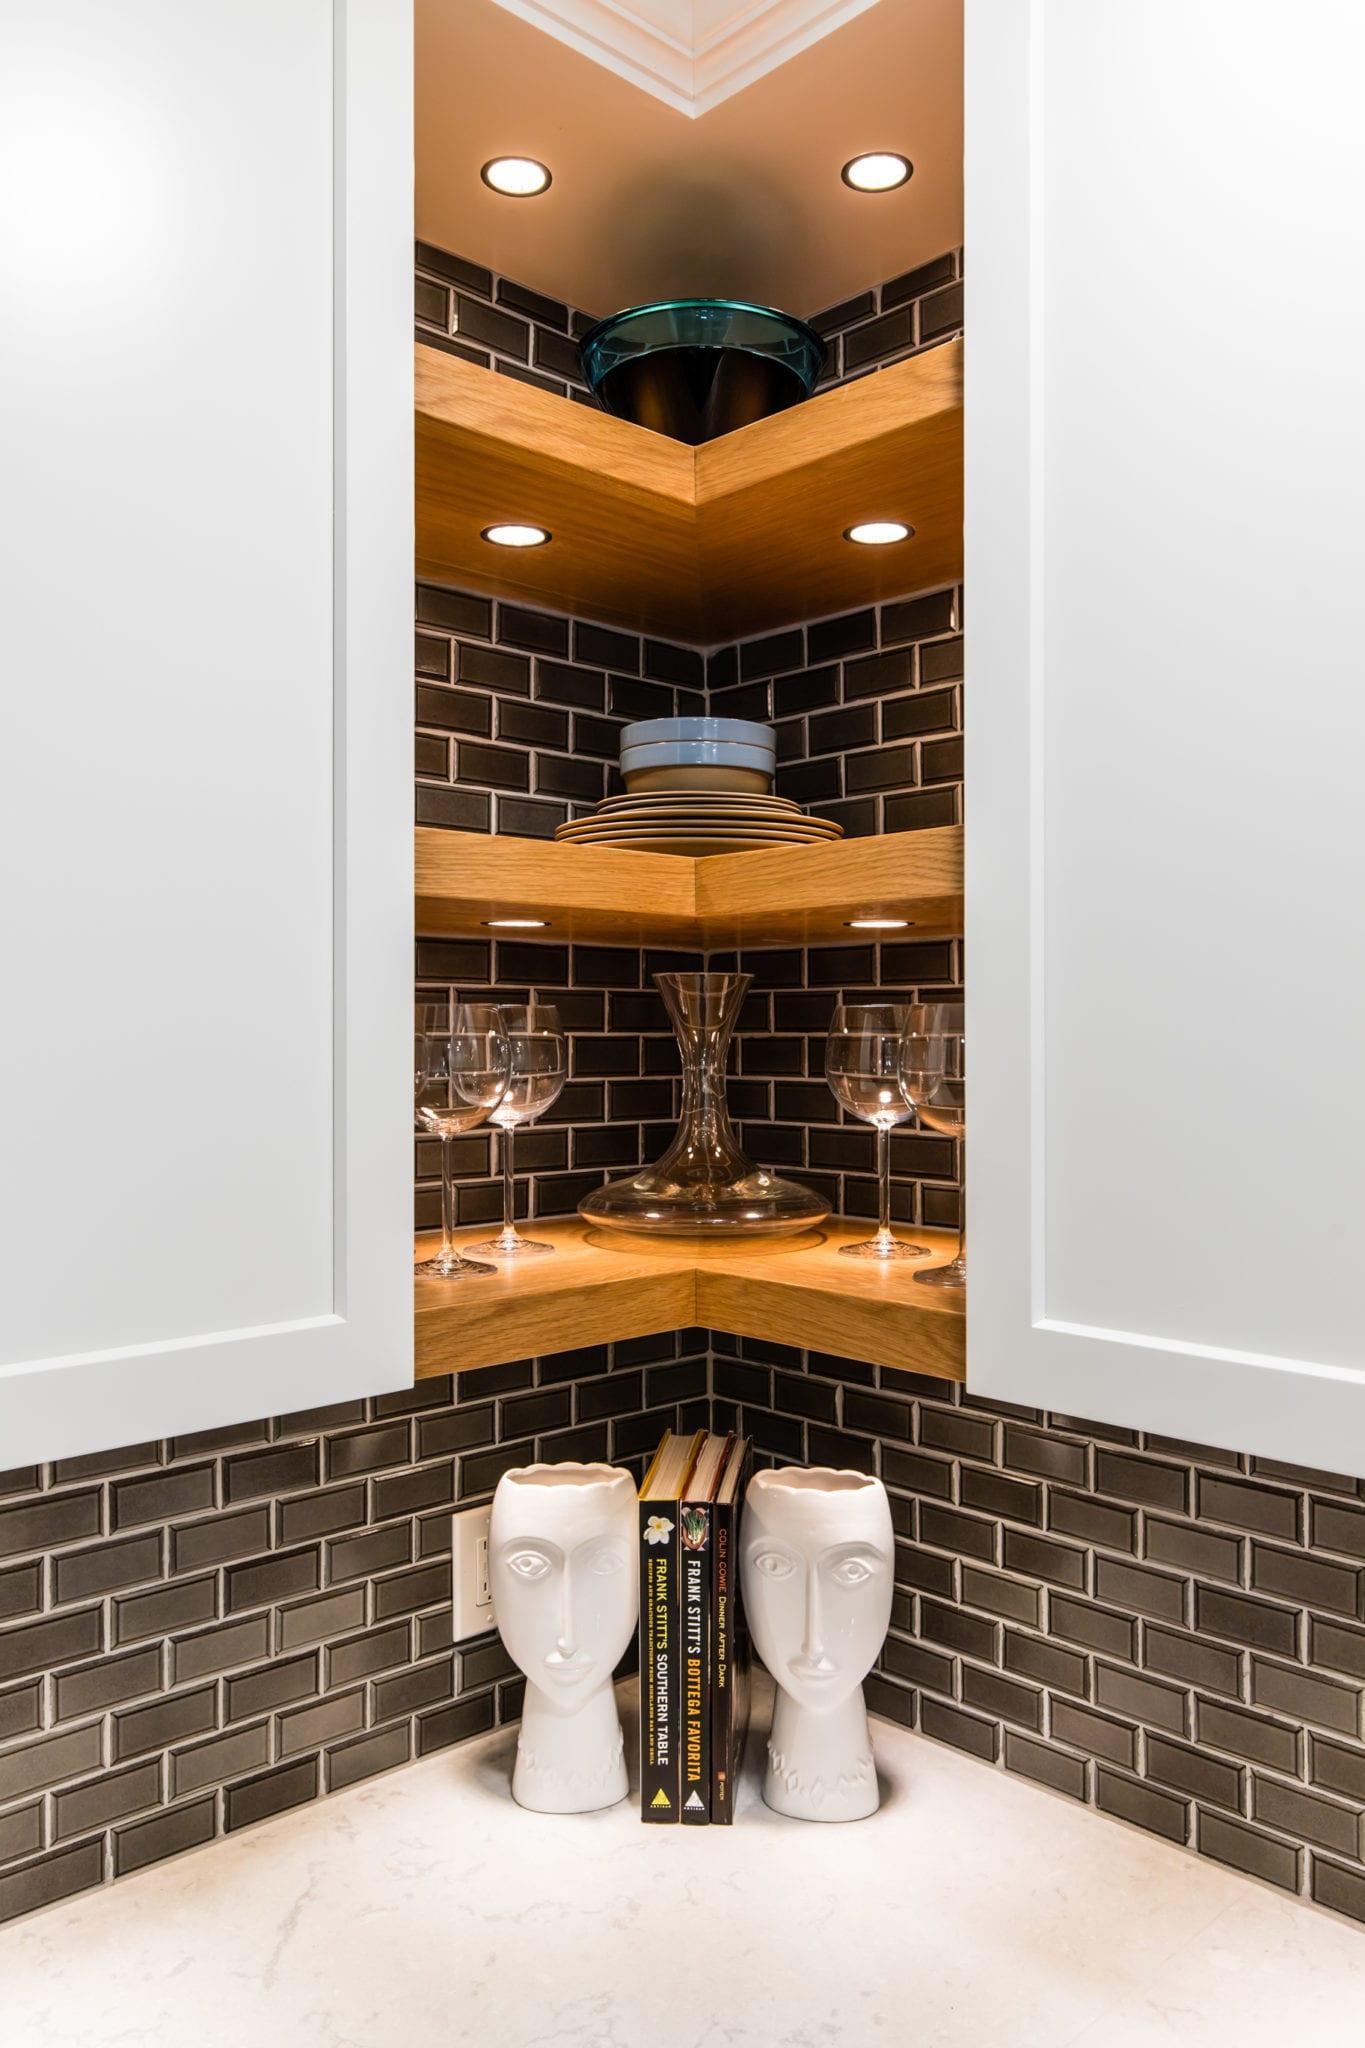 10x10 Kitchen Remodel: Floating-Kitchen-Shelves-after-Kitchen-Remodeling-Greenway